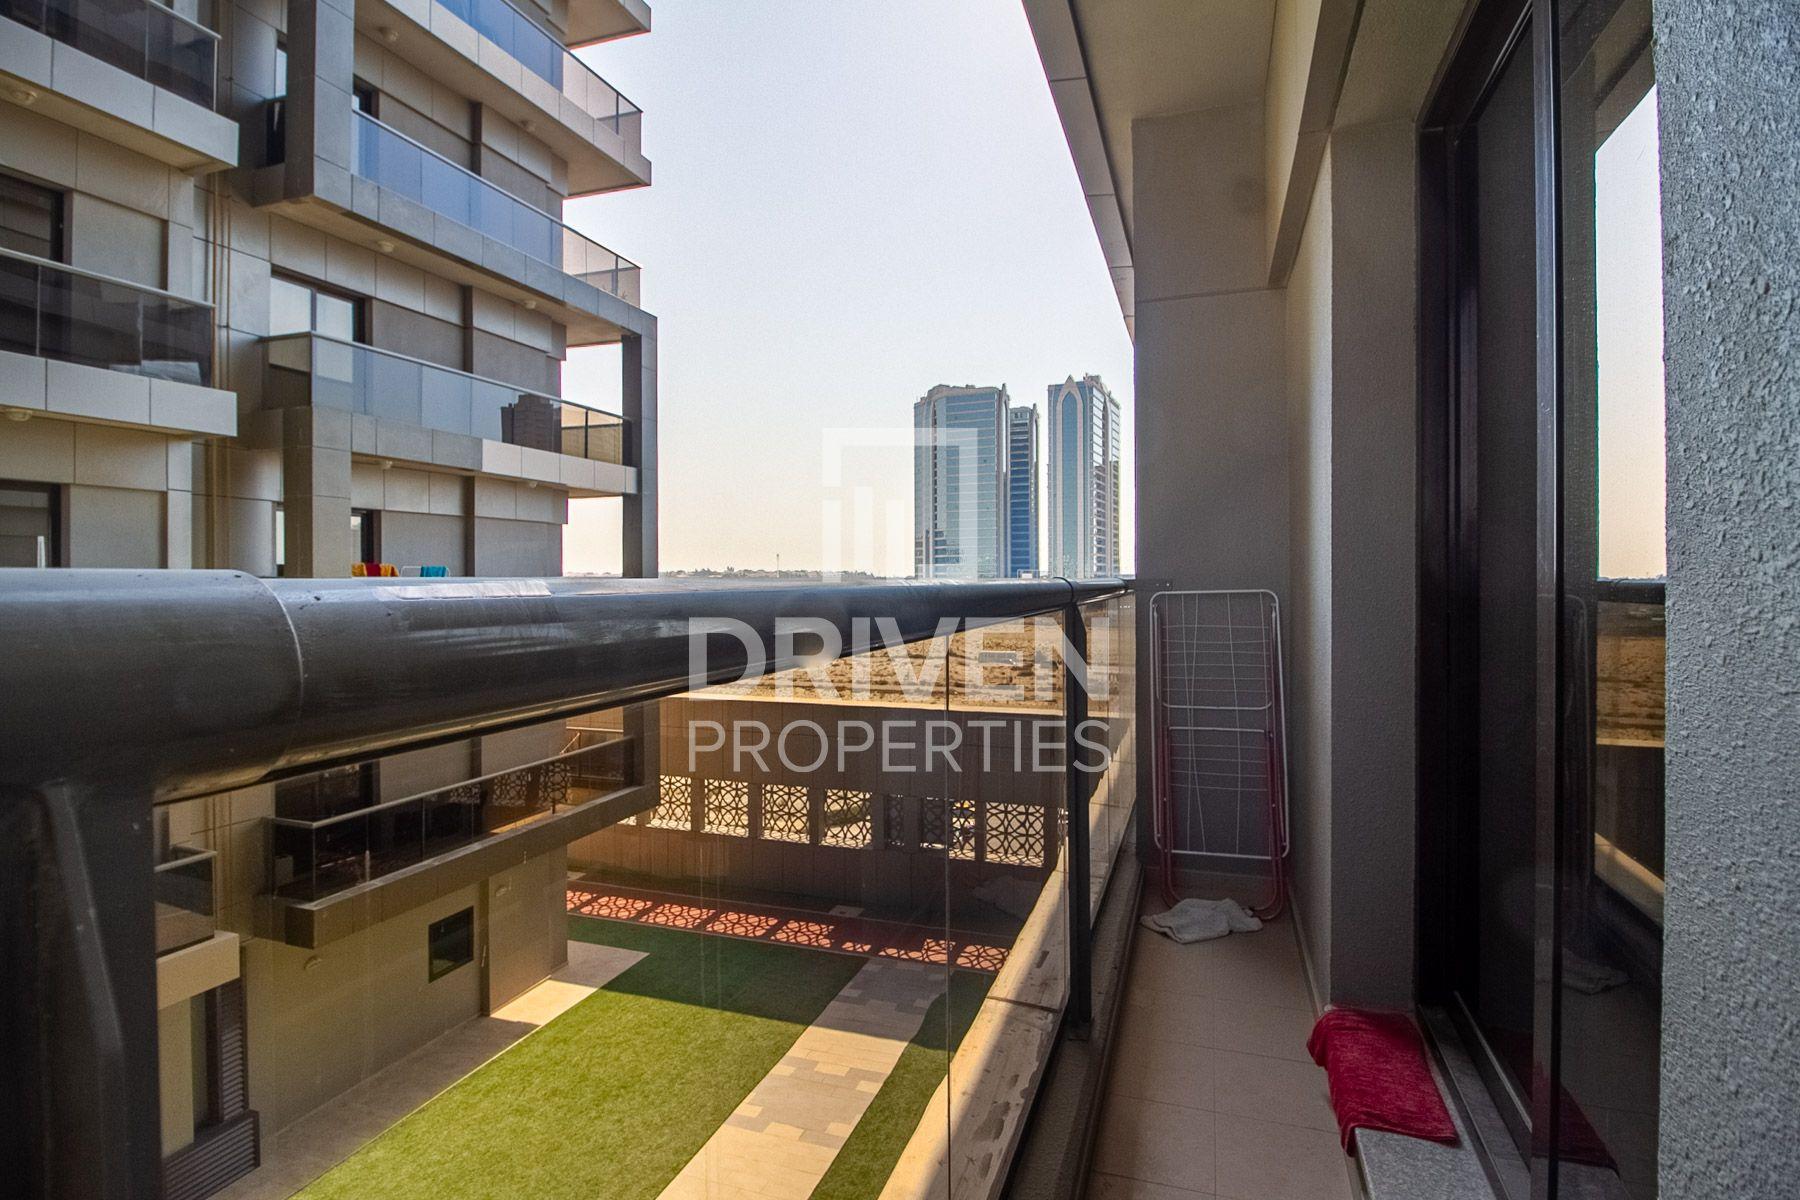 للايجار - ستوديو - مساكن النخبة الرياضية 10 - مدينة دبي الرياضية